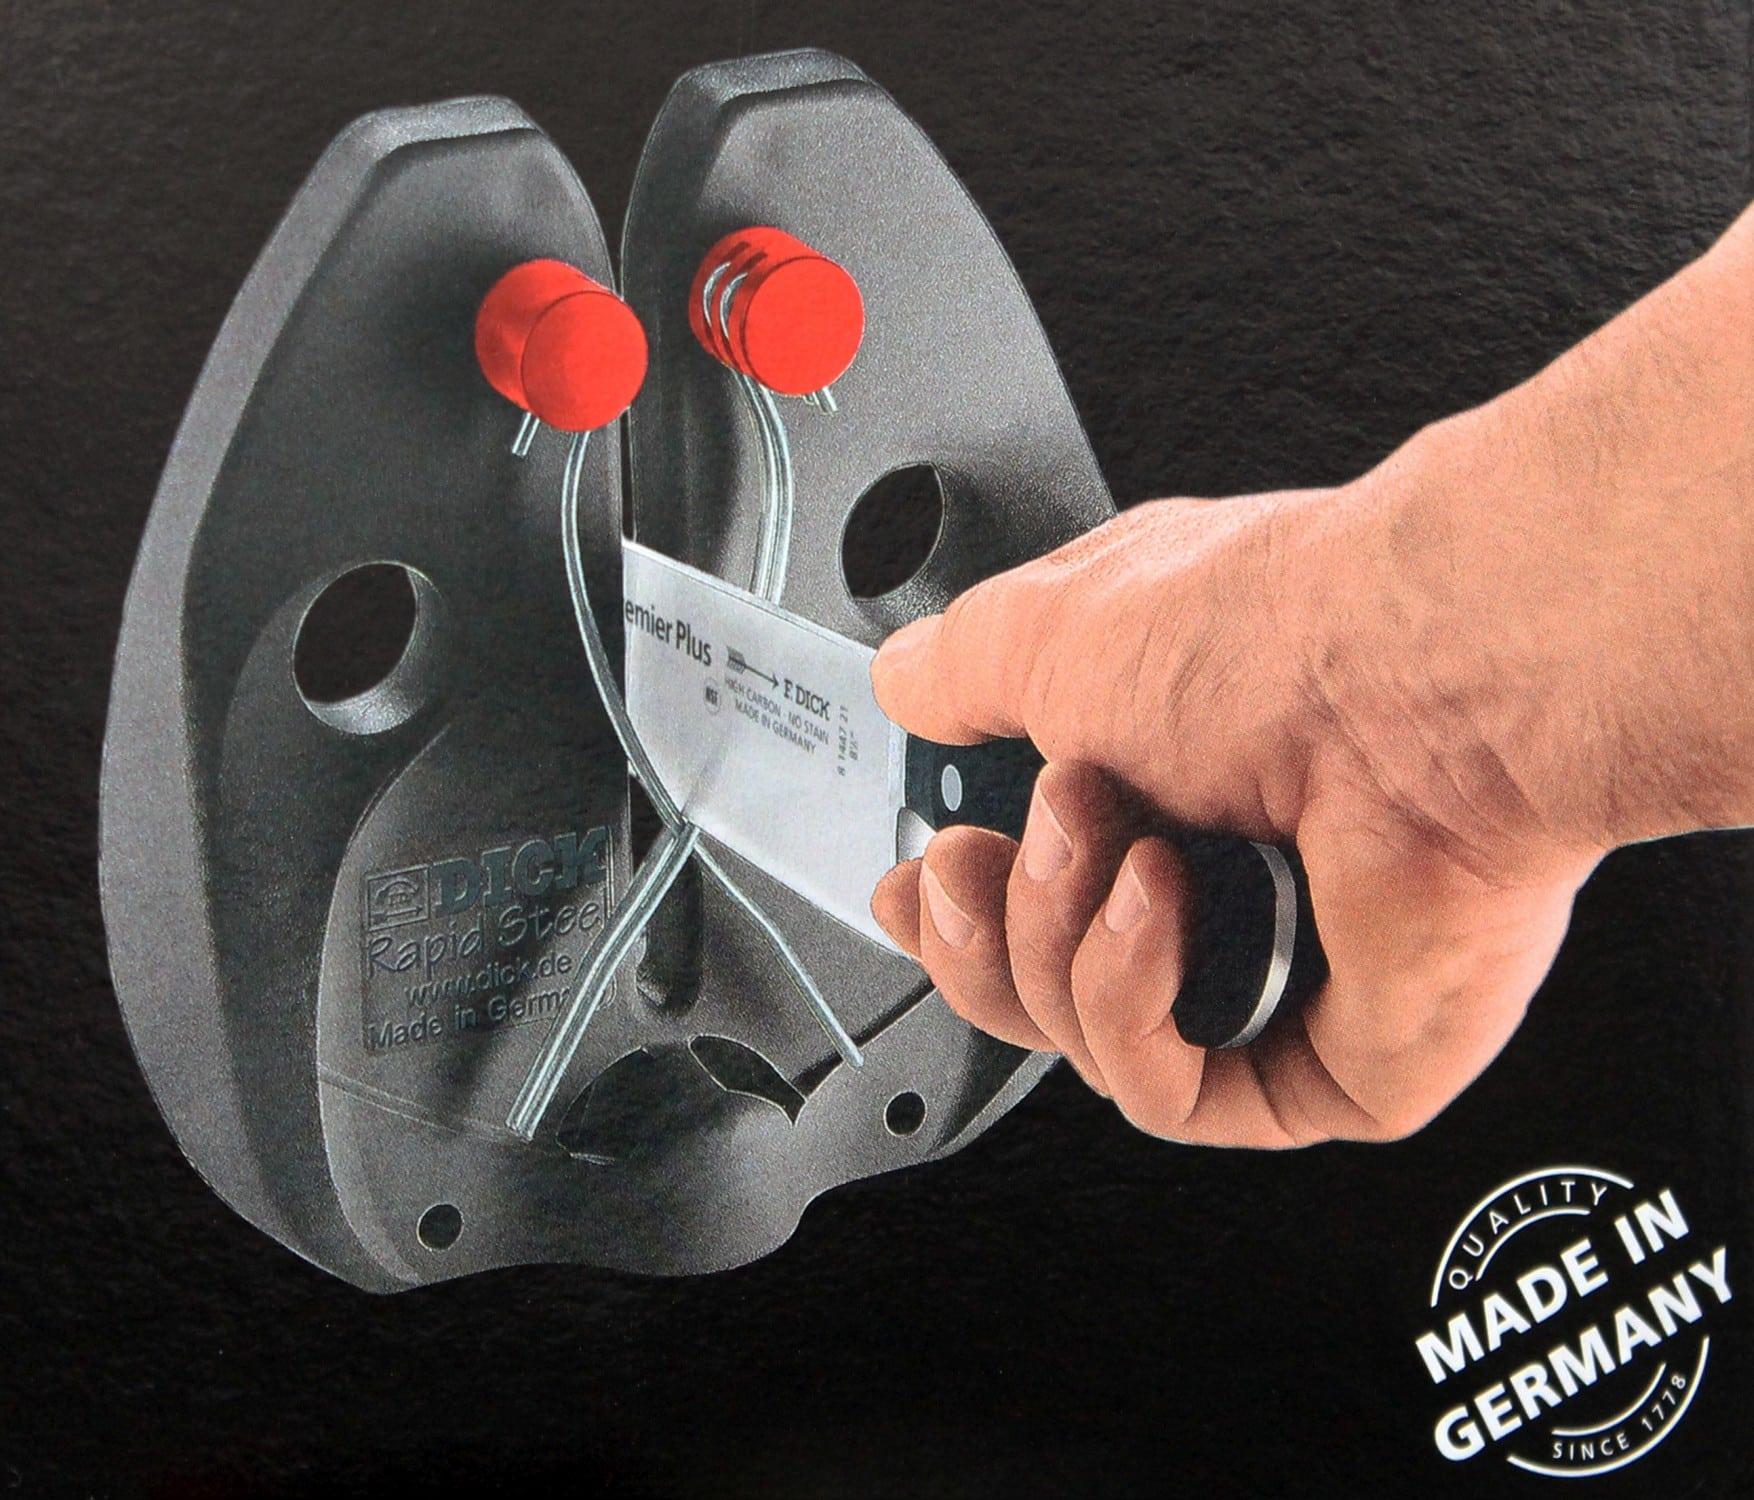 F.Dick Messerschärfer Wetzstahl Rapid Steel Action Set mit Standfuß